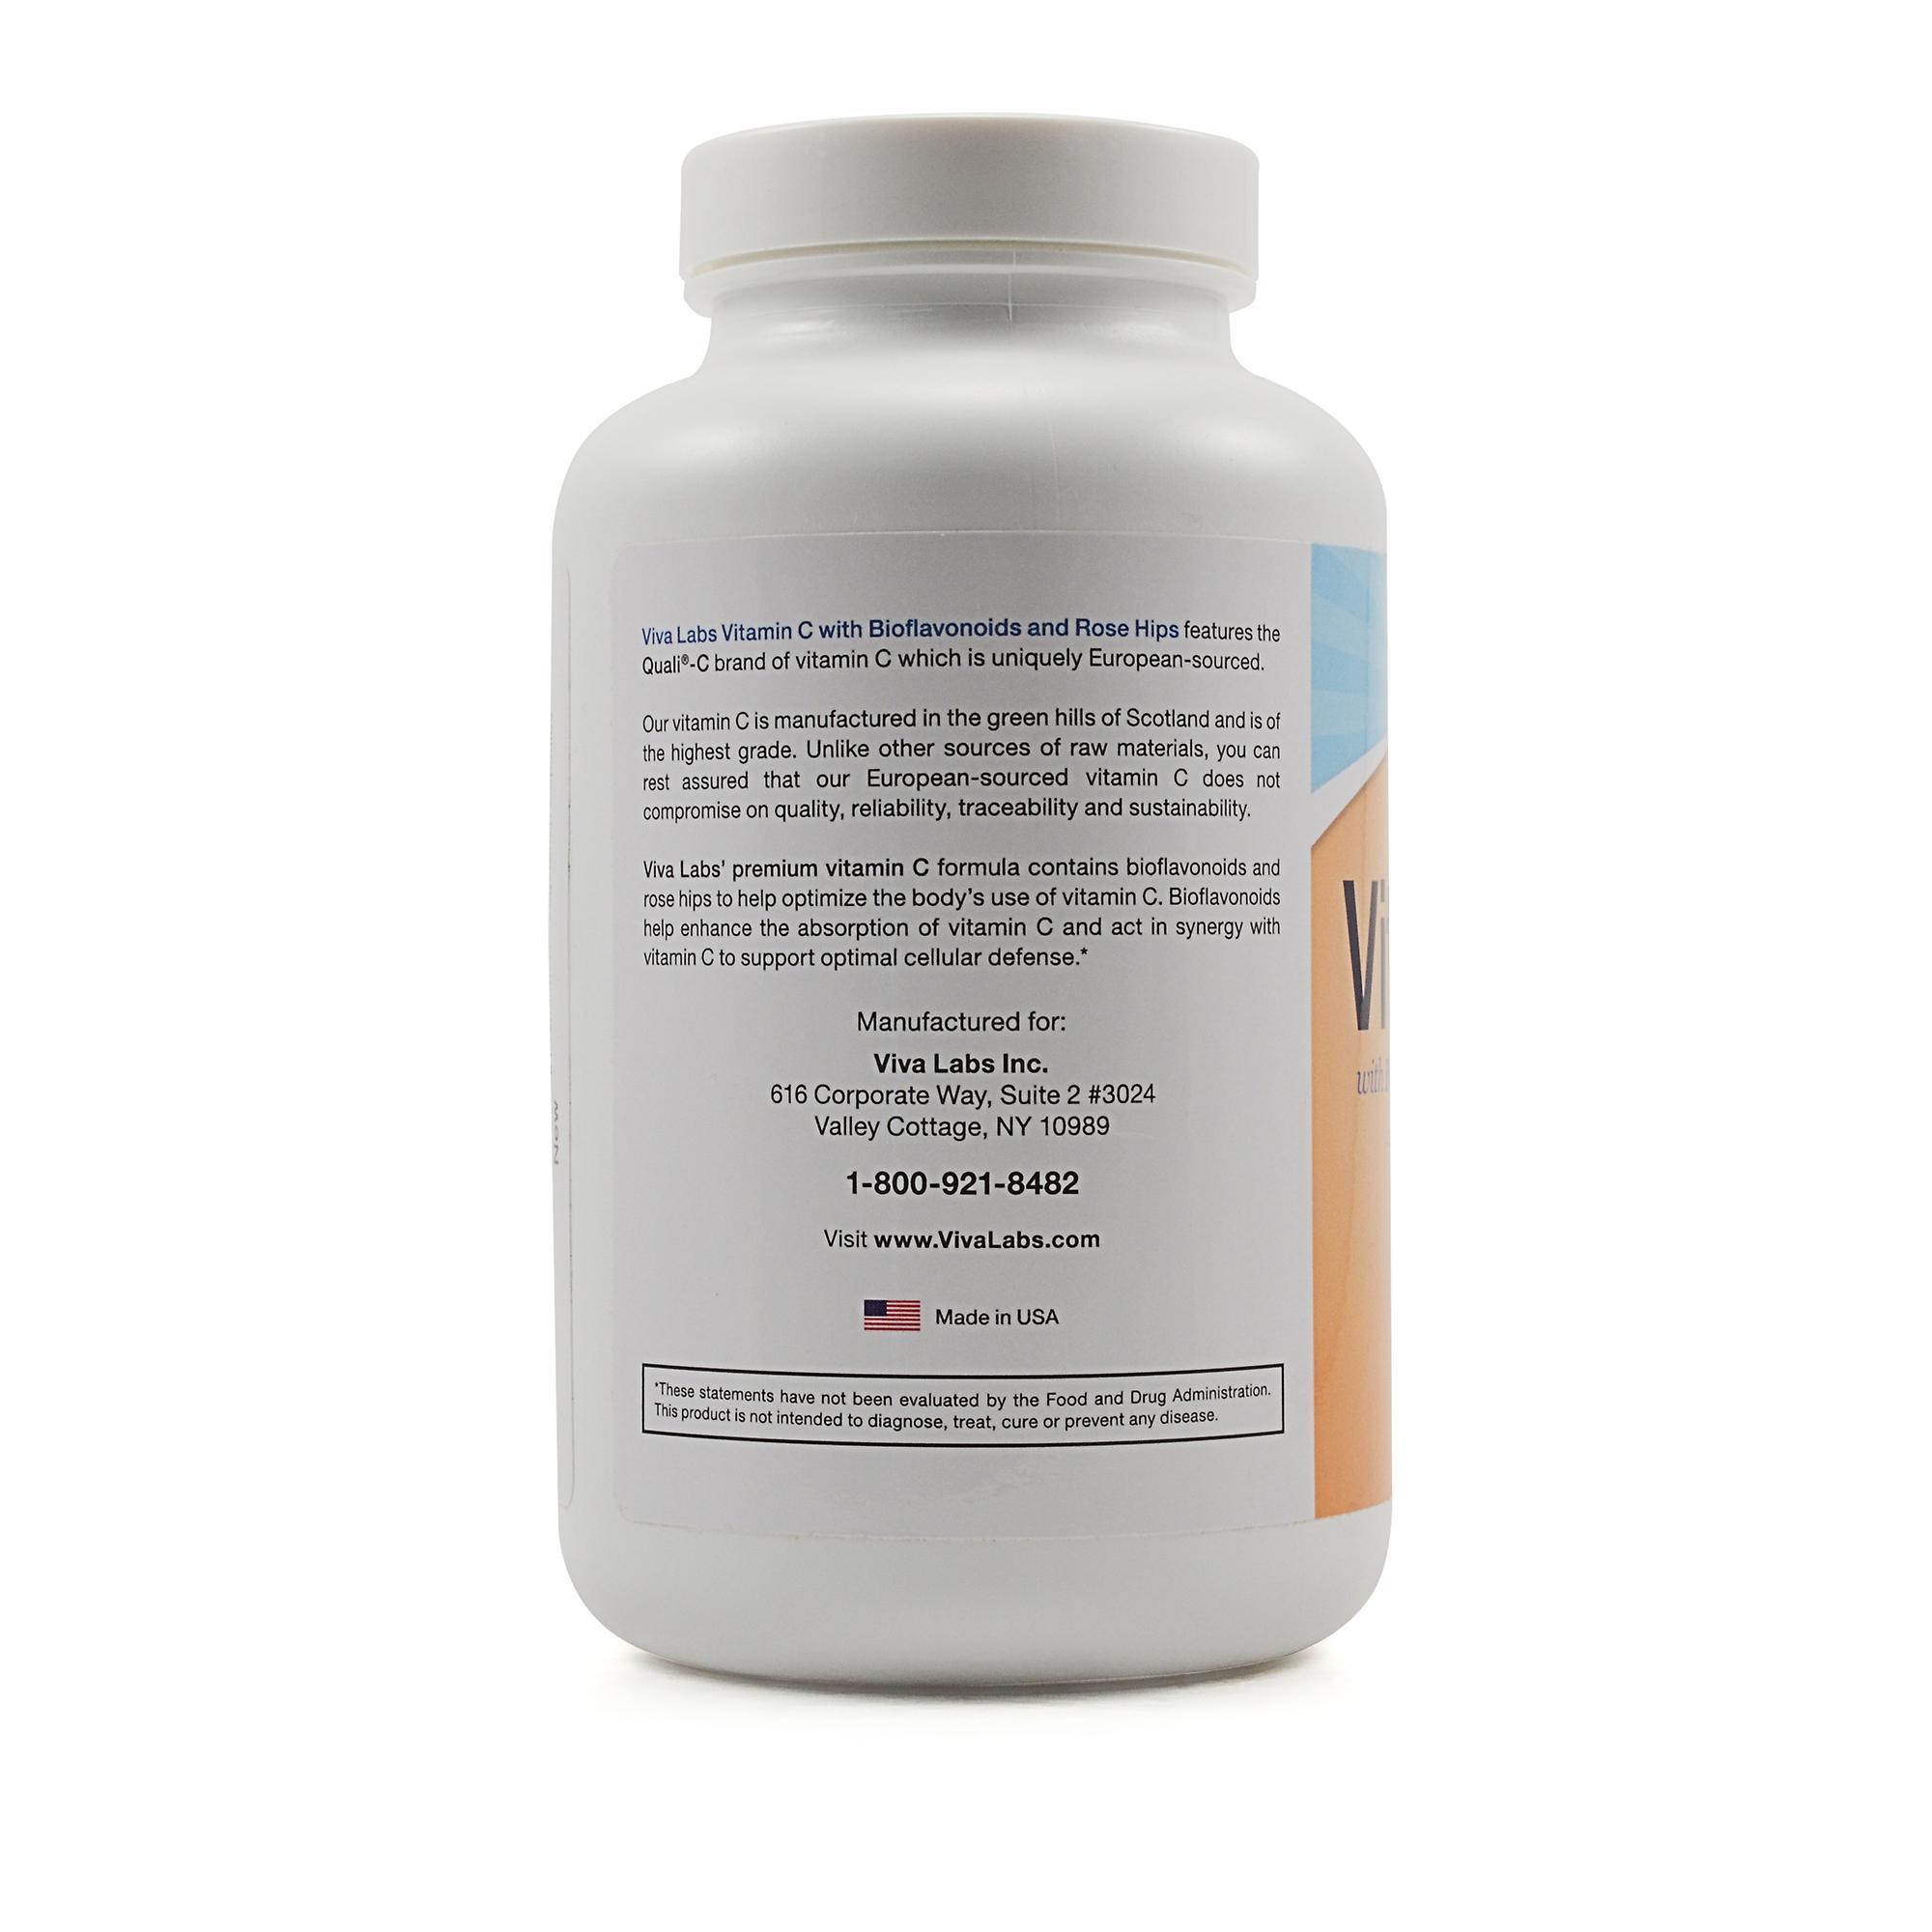 Viva labs vitamin c review labdoor for Viva labs fish oil